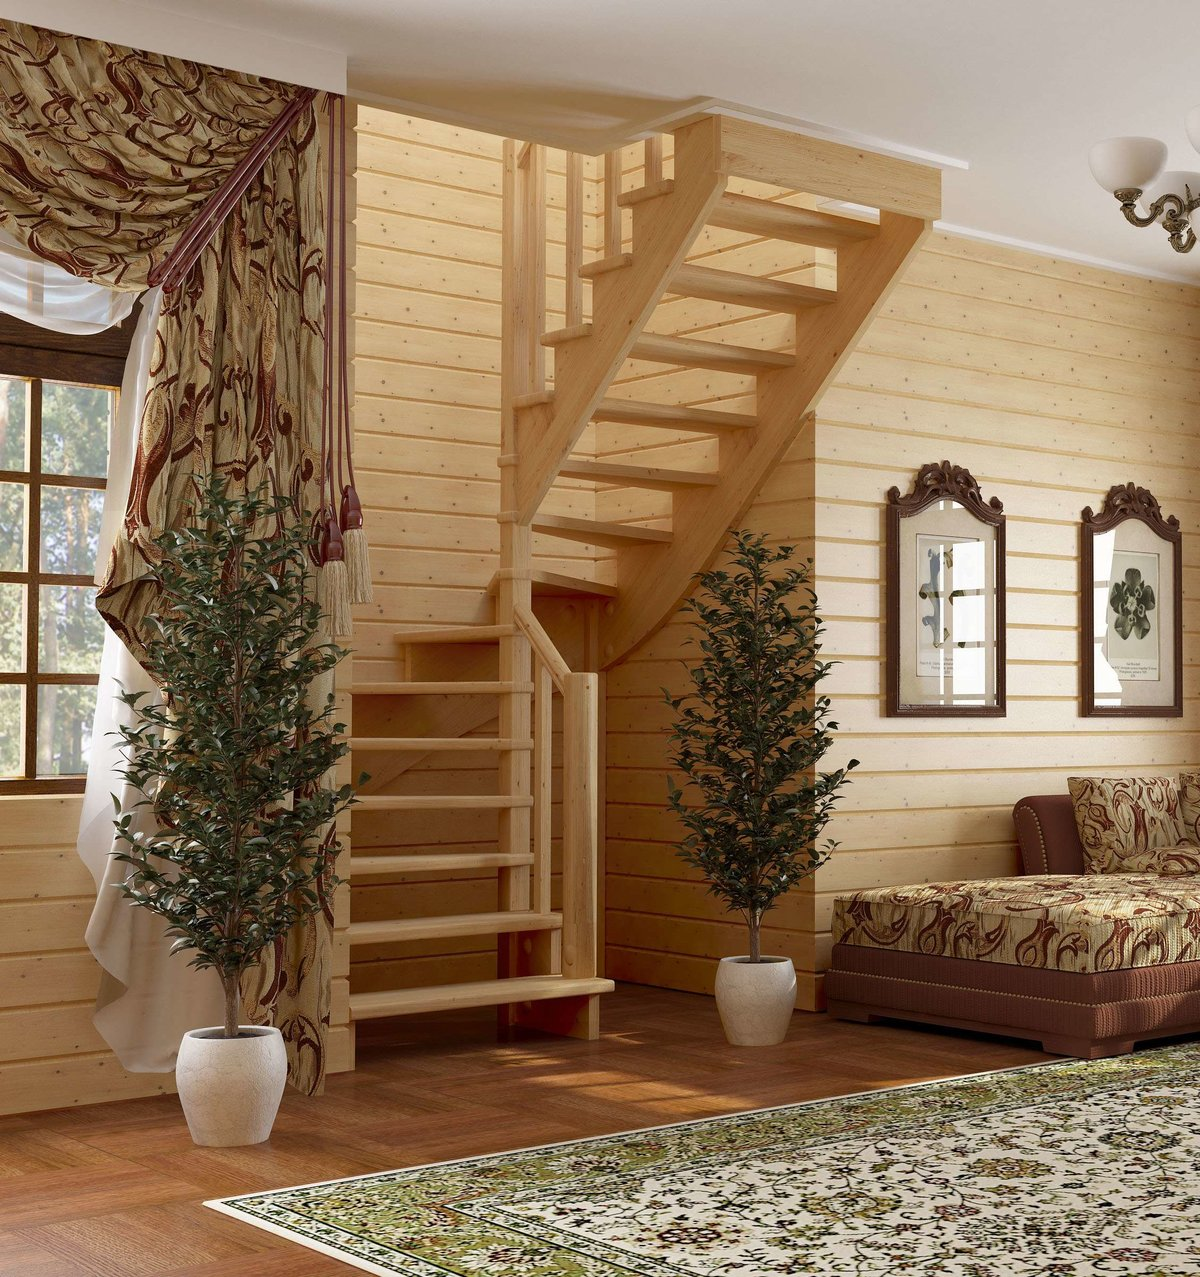 Отделка деревянного дома внутри фото второй этаж познавательная